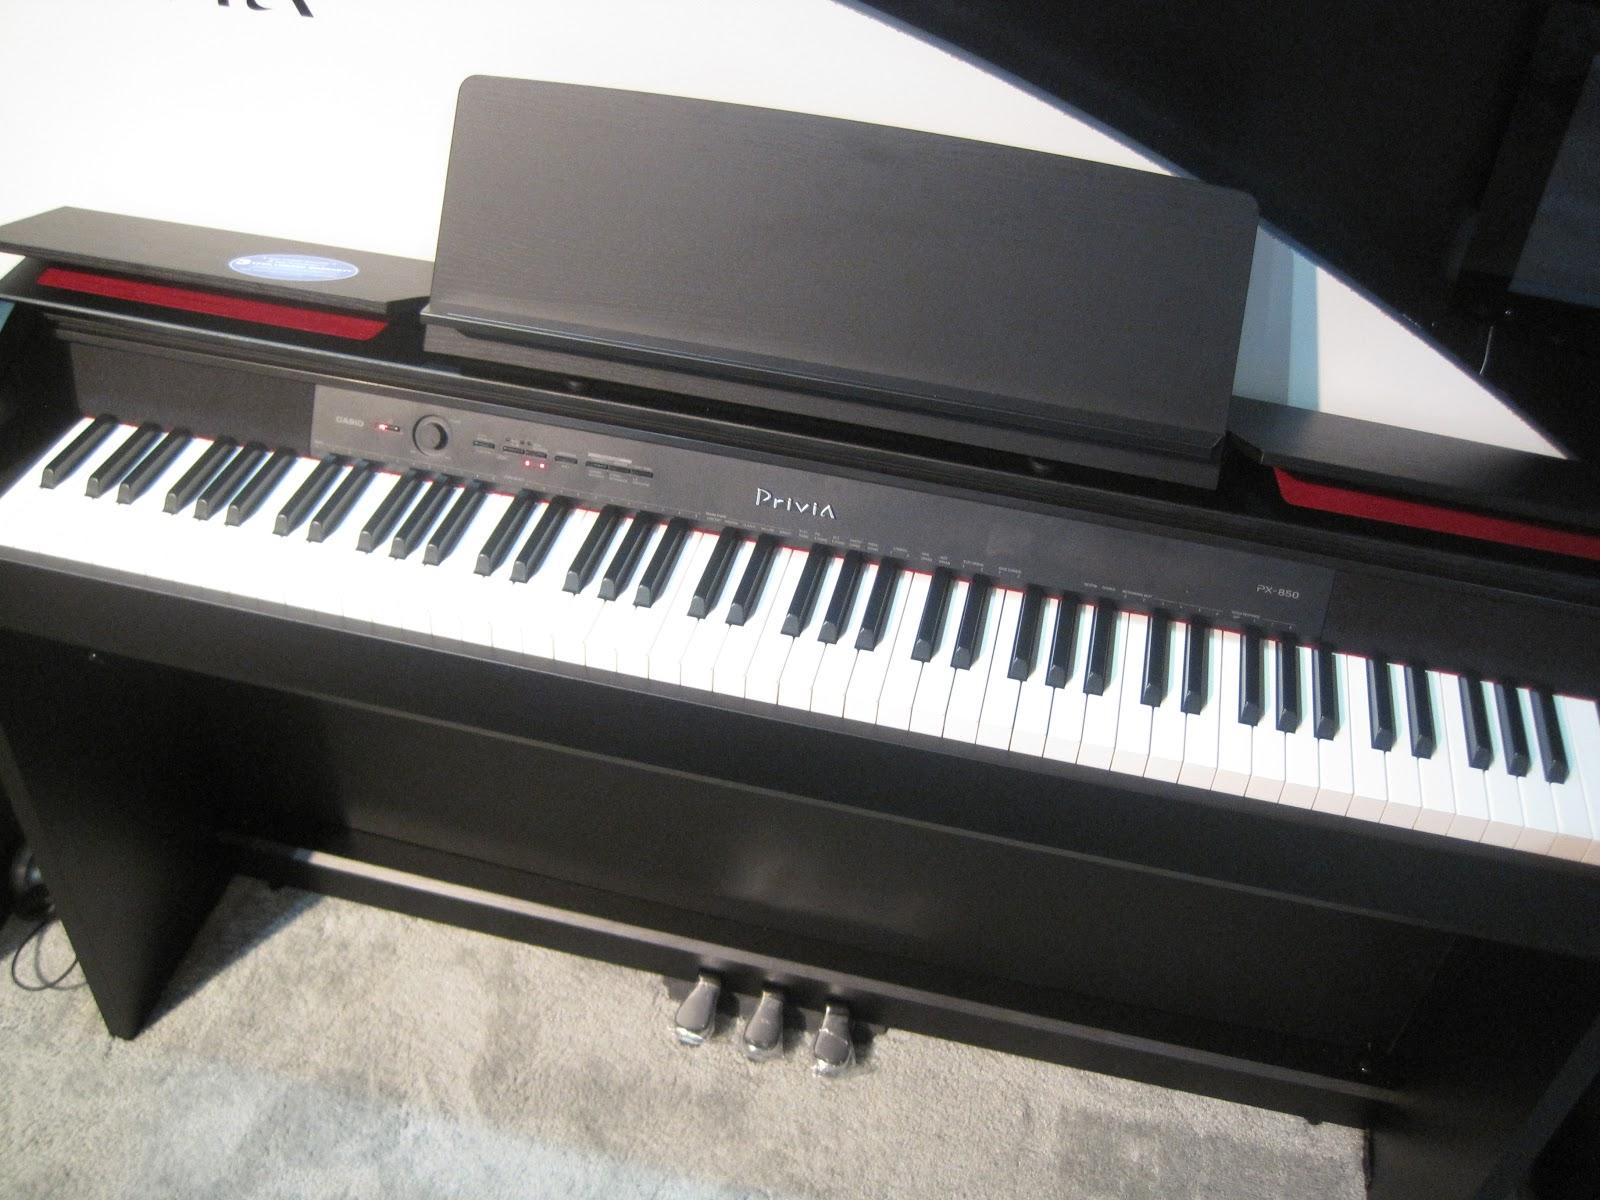 Yamaha Piano Price Range